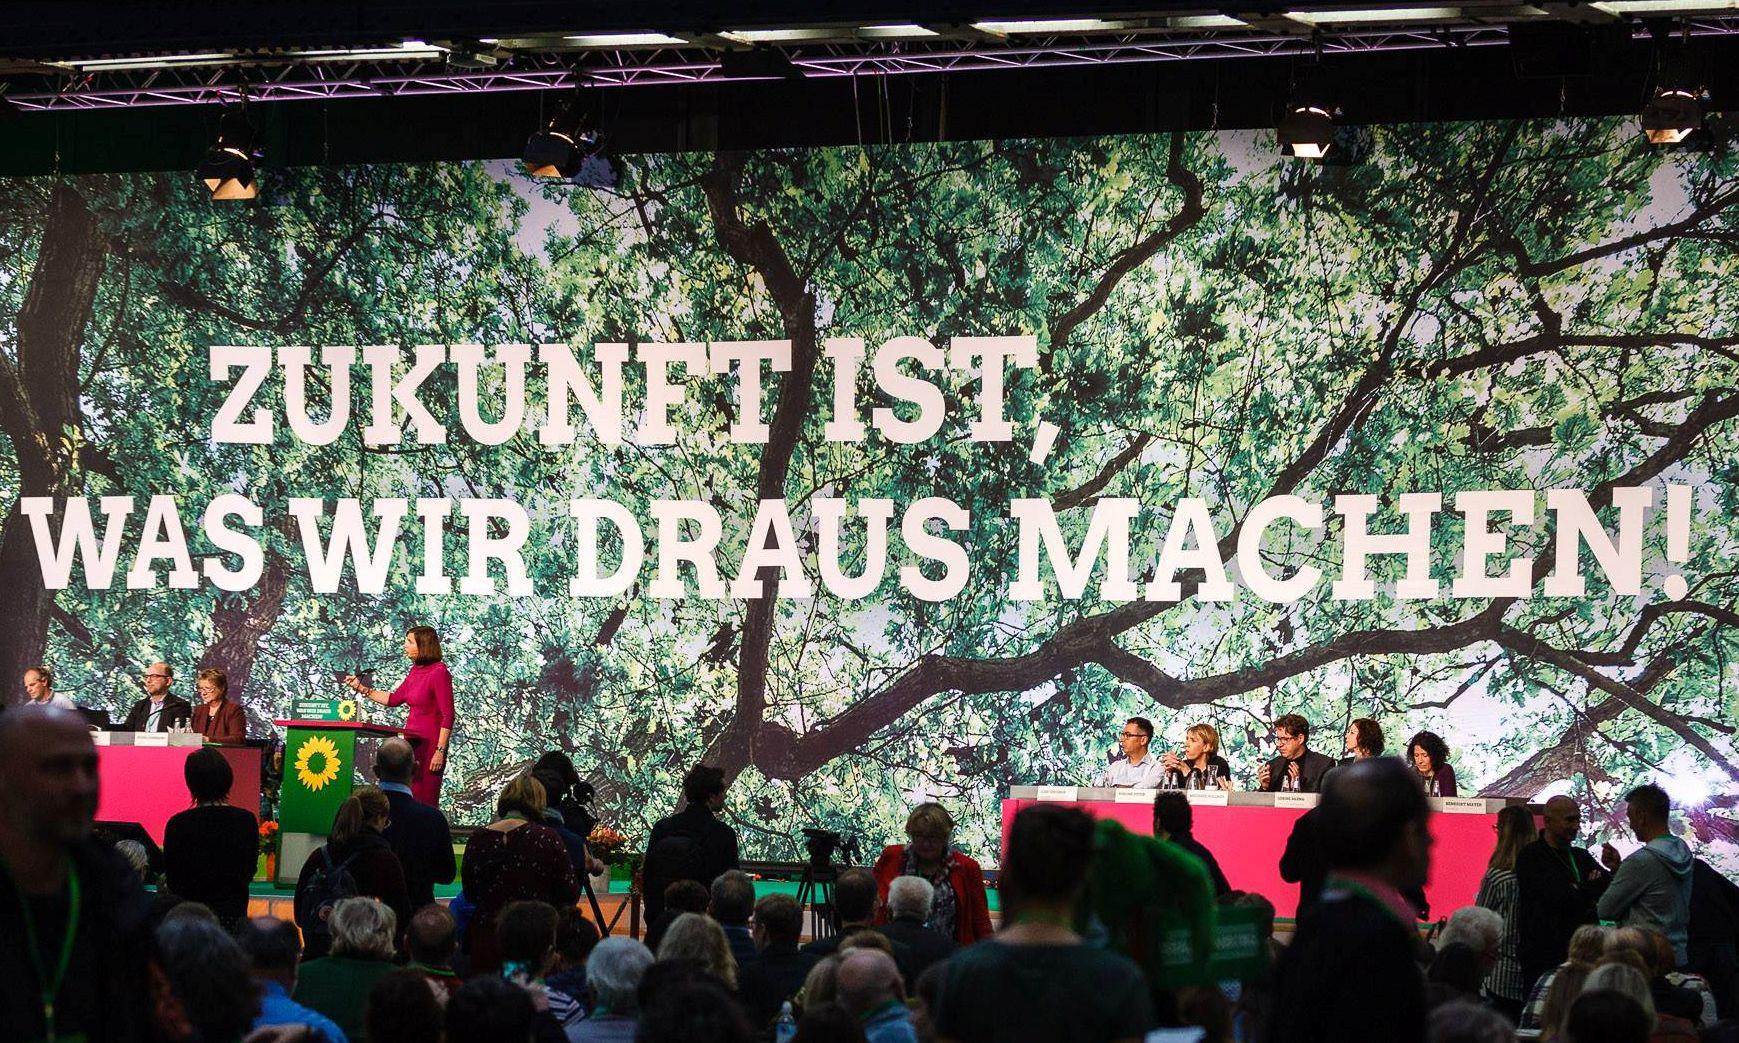 17-11-25_BDK_Zukunft_2